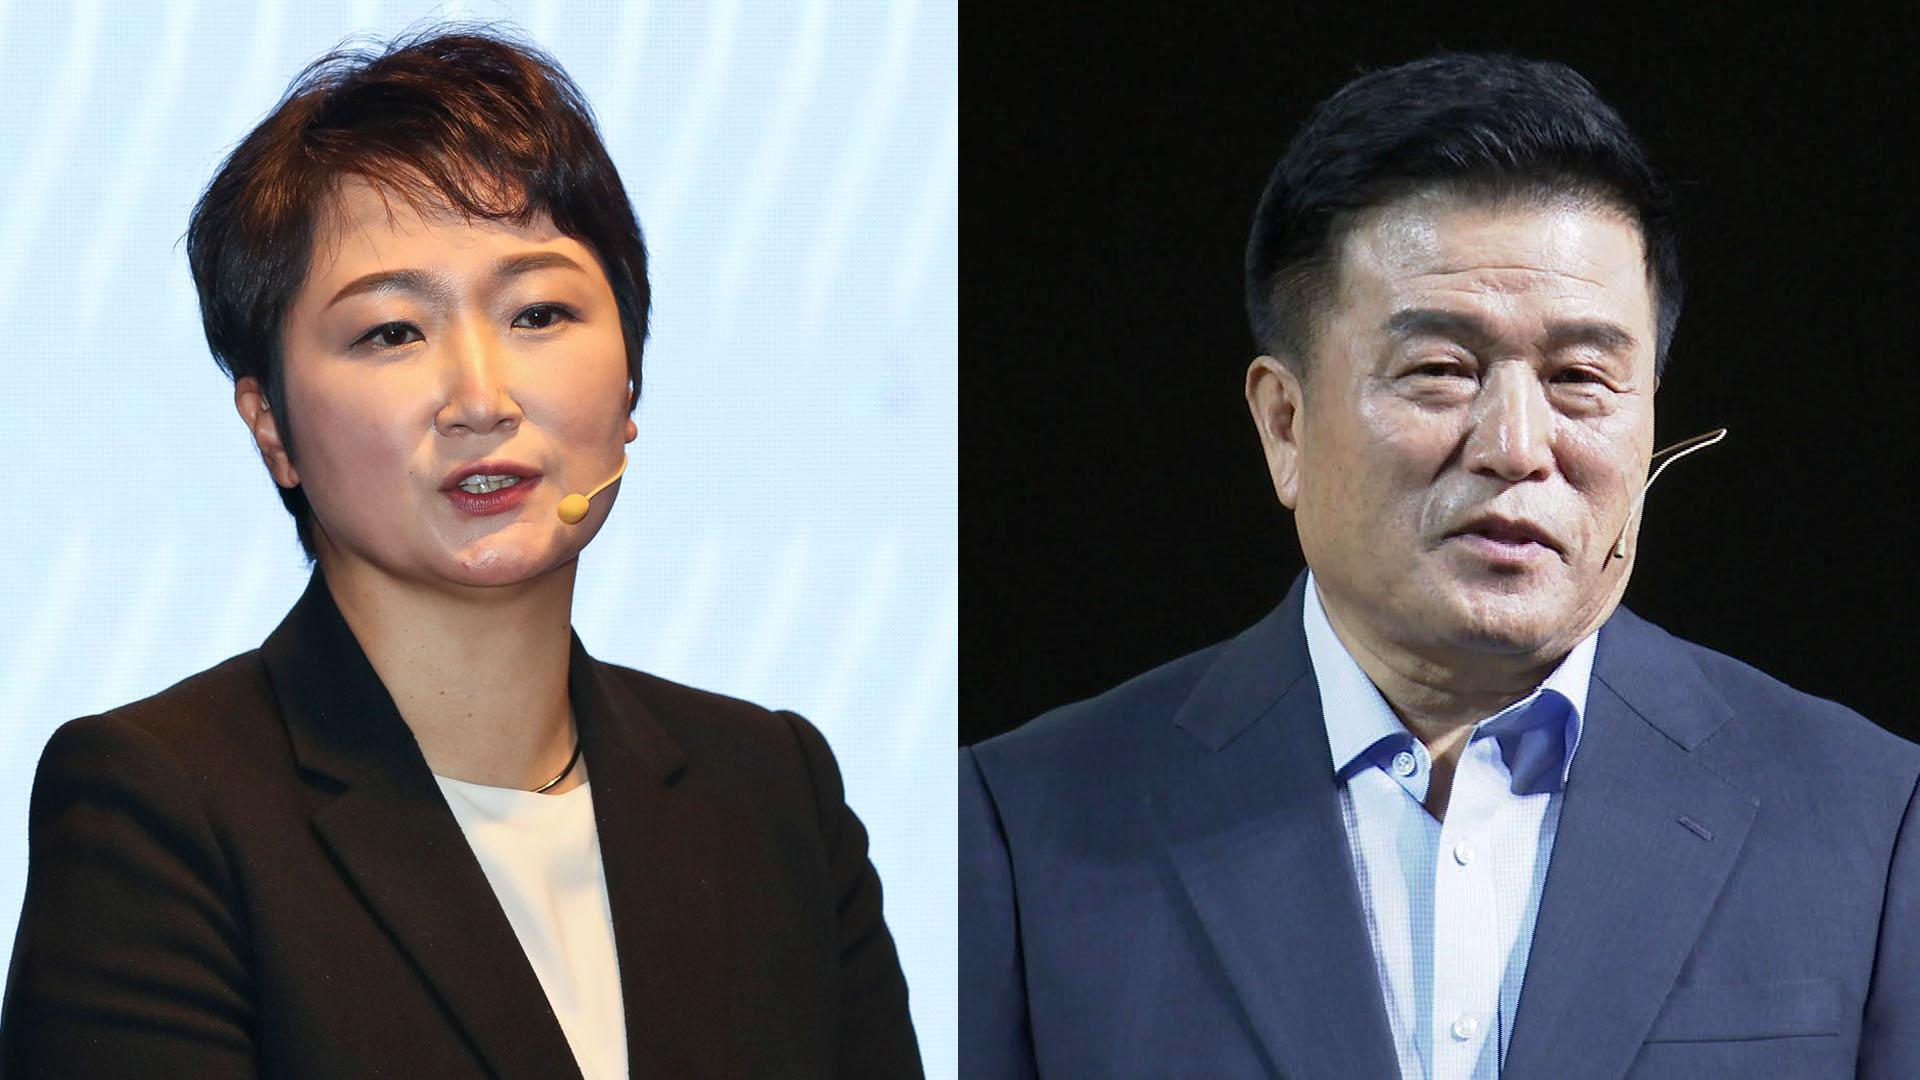 野, 신공항 내홍 속 부산시장 후보들 속속 출사표